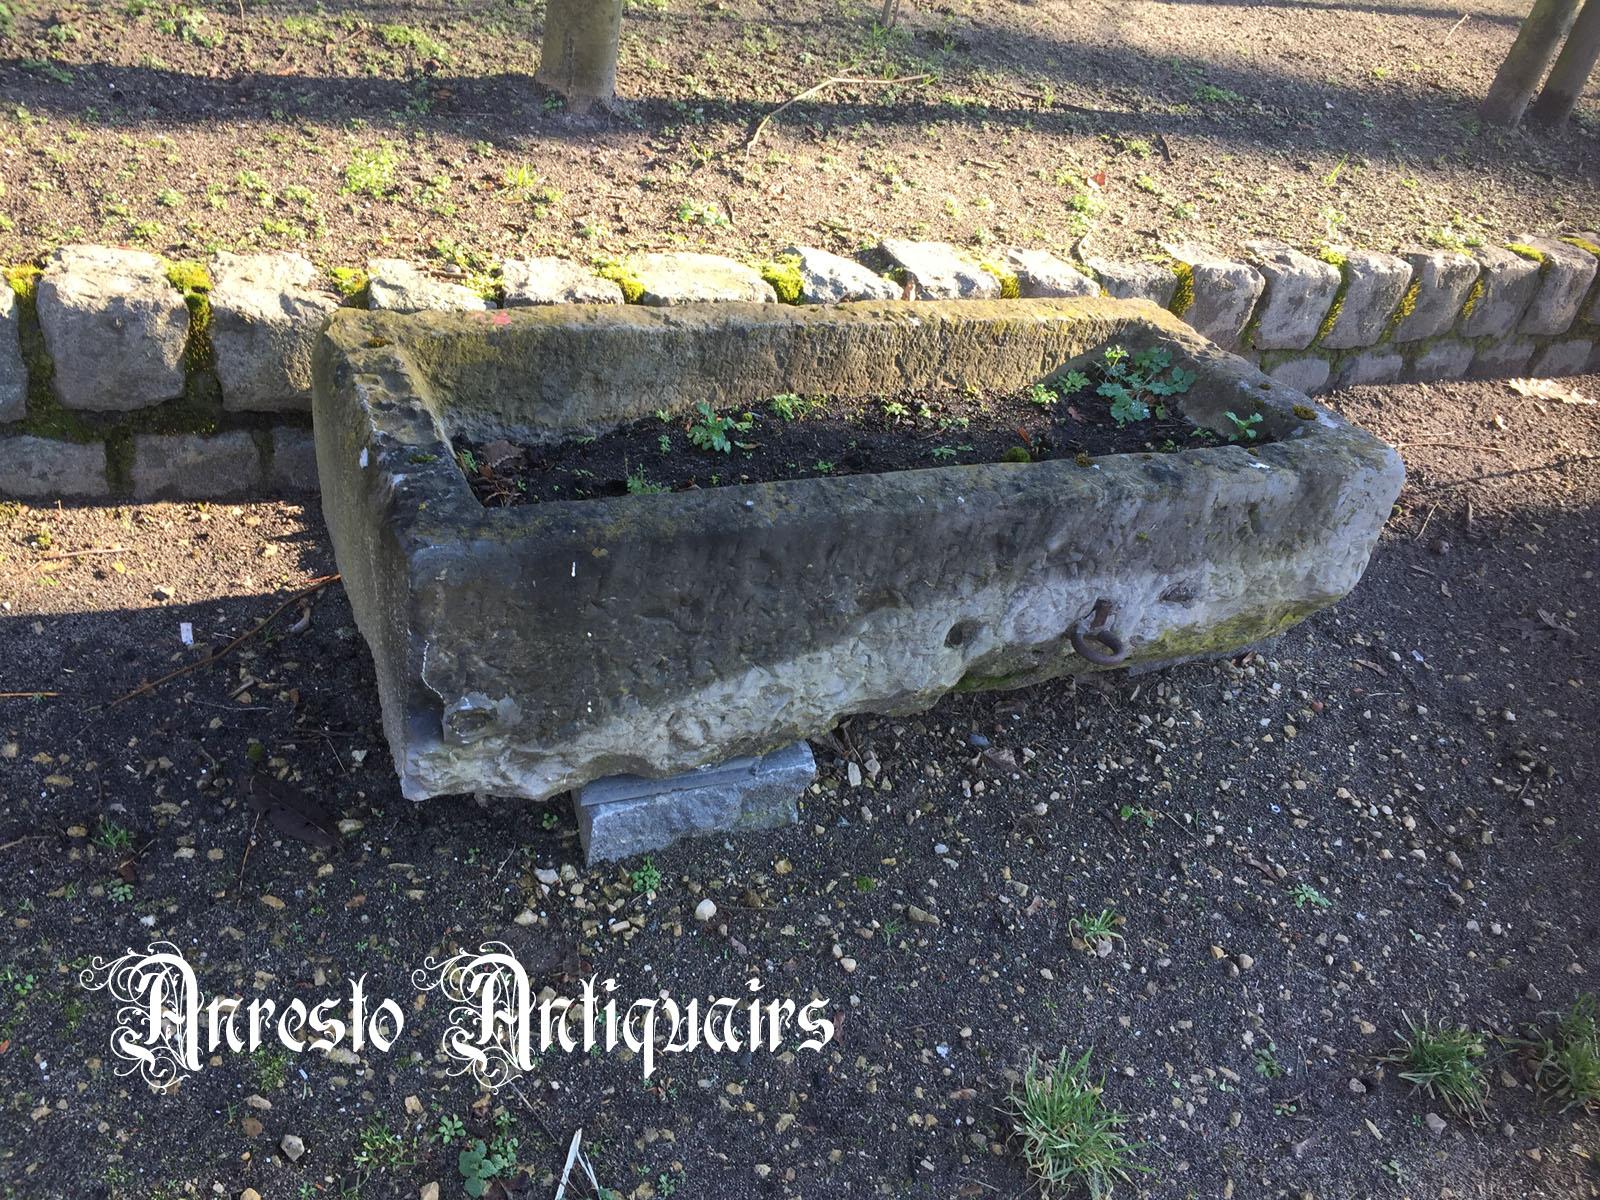 Ref. 35 – Exclusieve 17de eeuwse voederbak, antieke 17de eeuwse arduinen trog